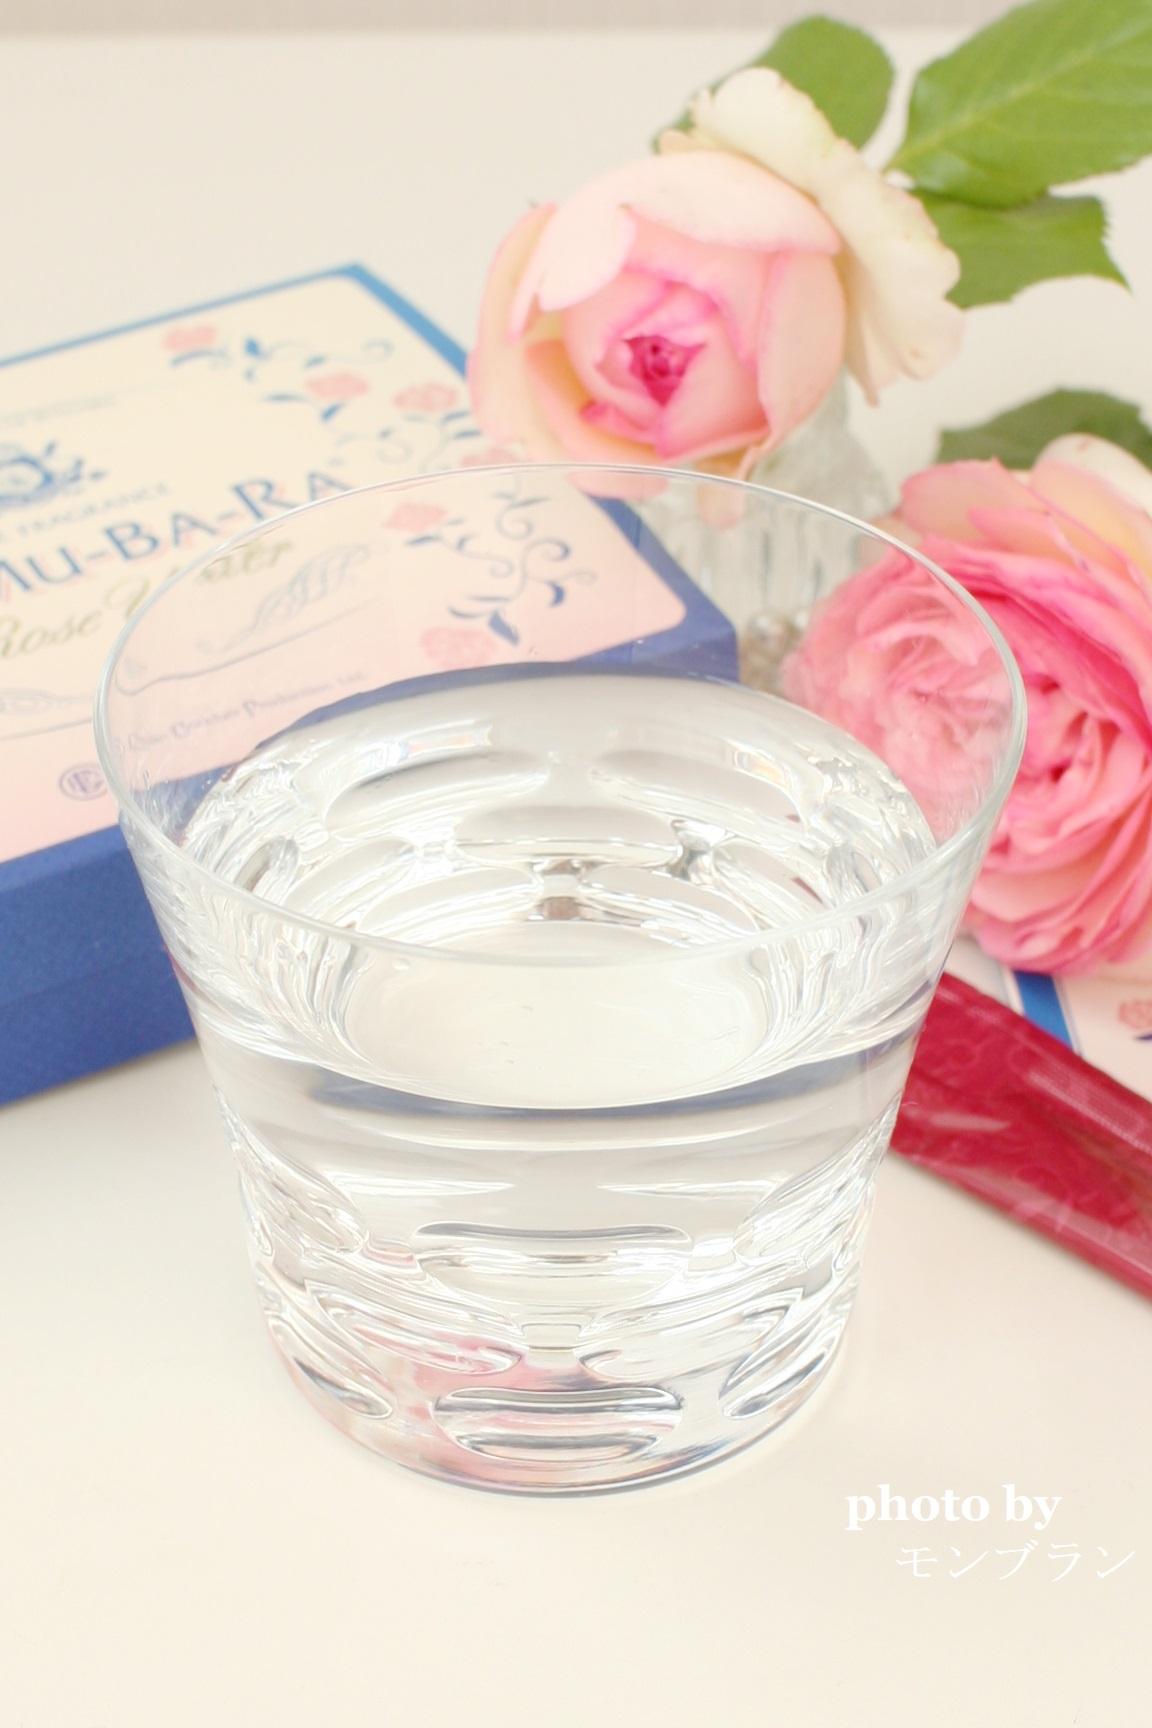 ノムバラで作ったバラ水